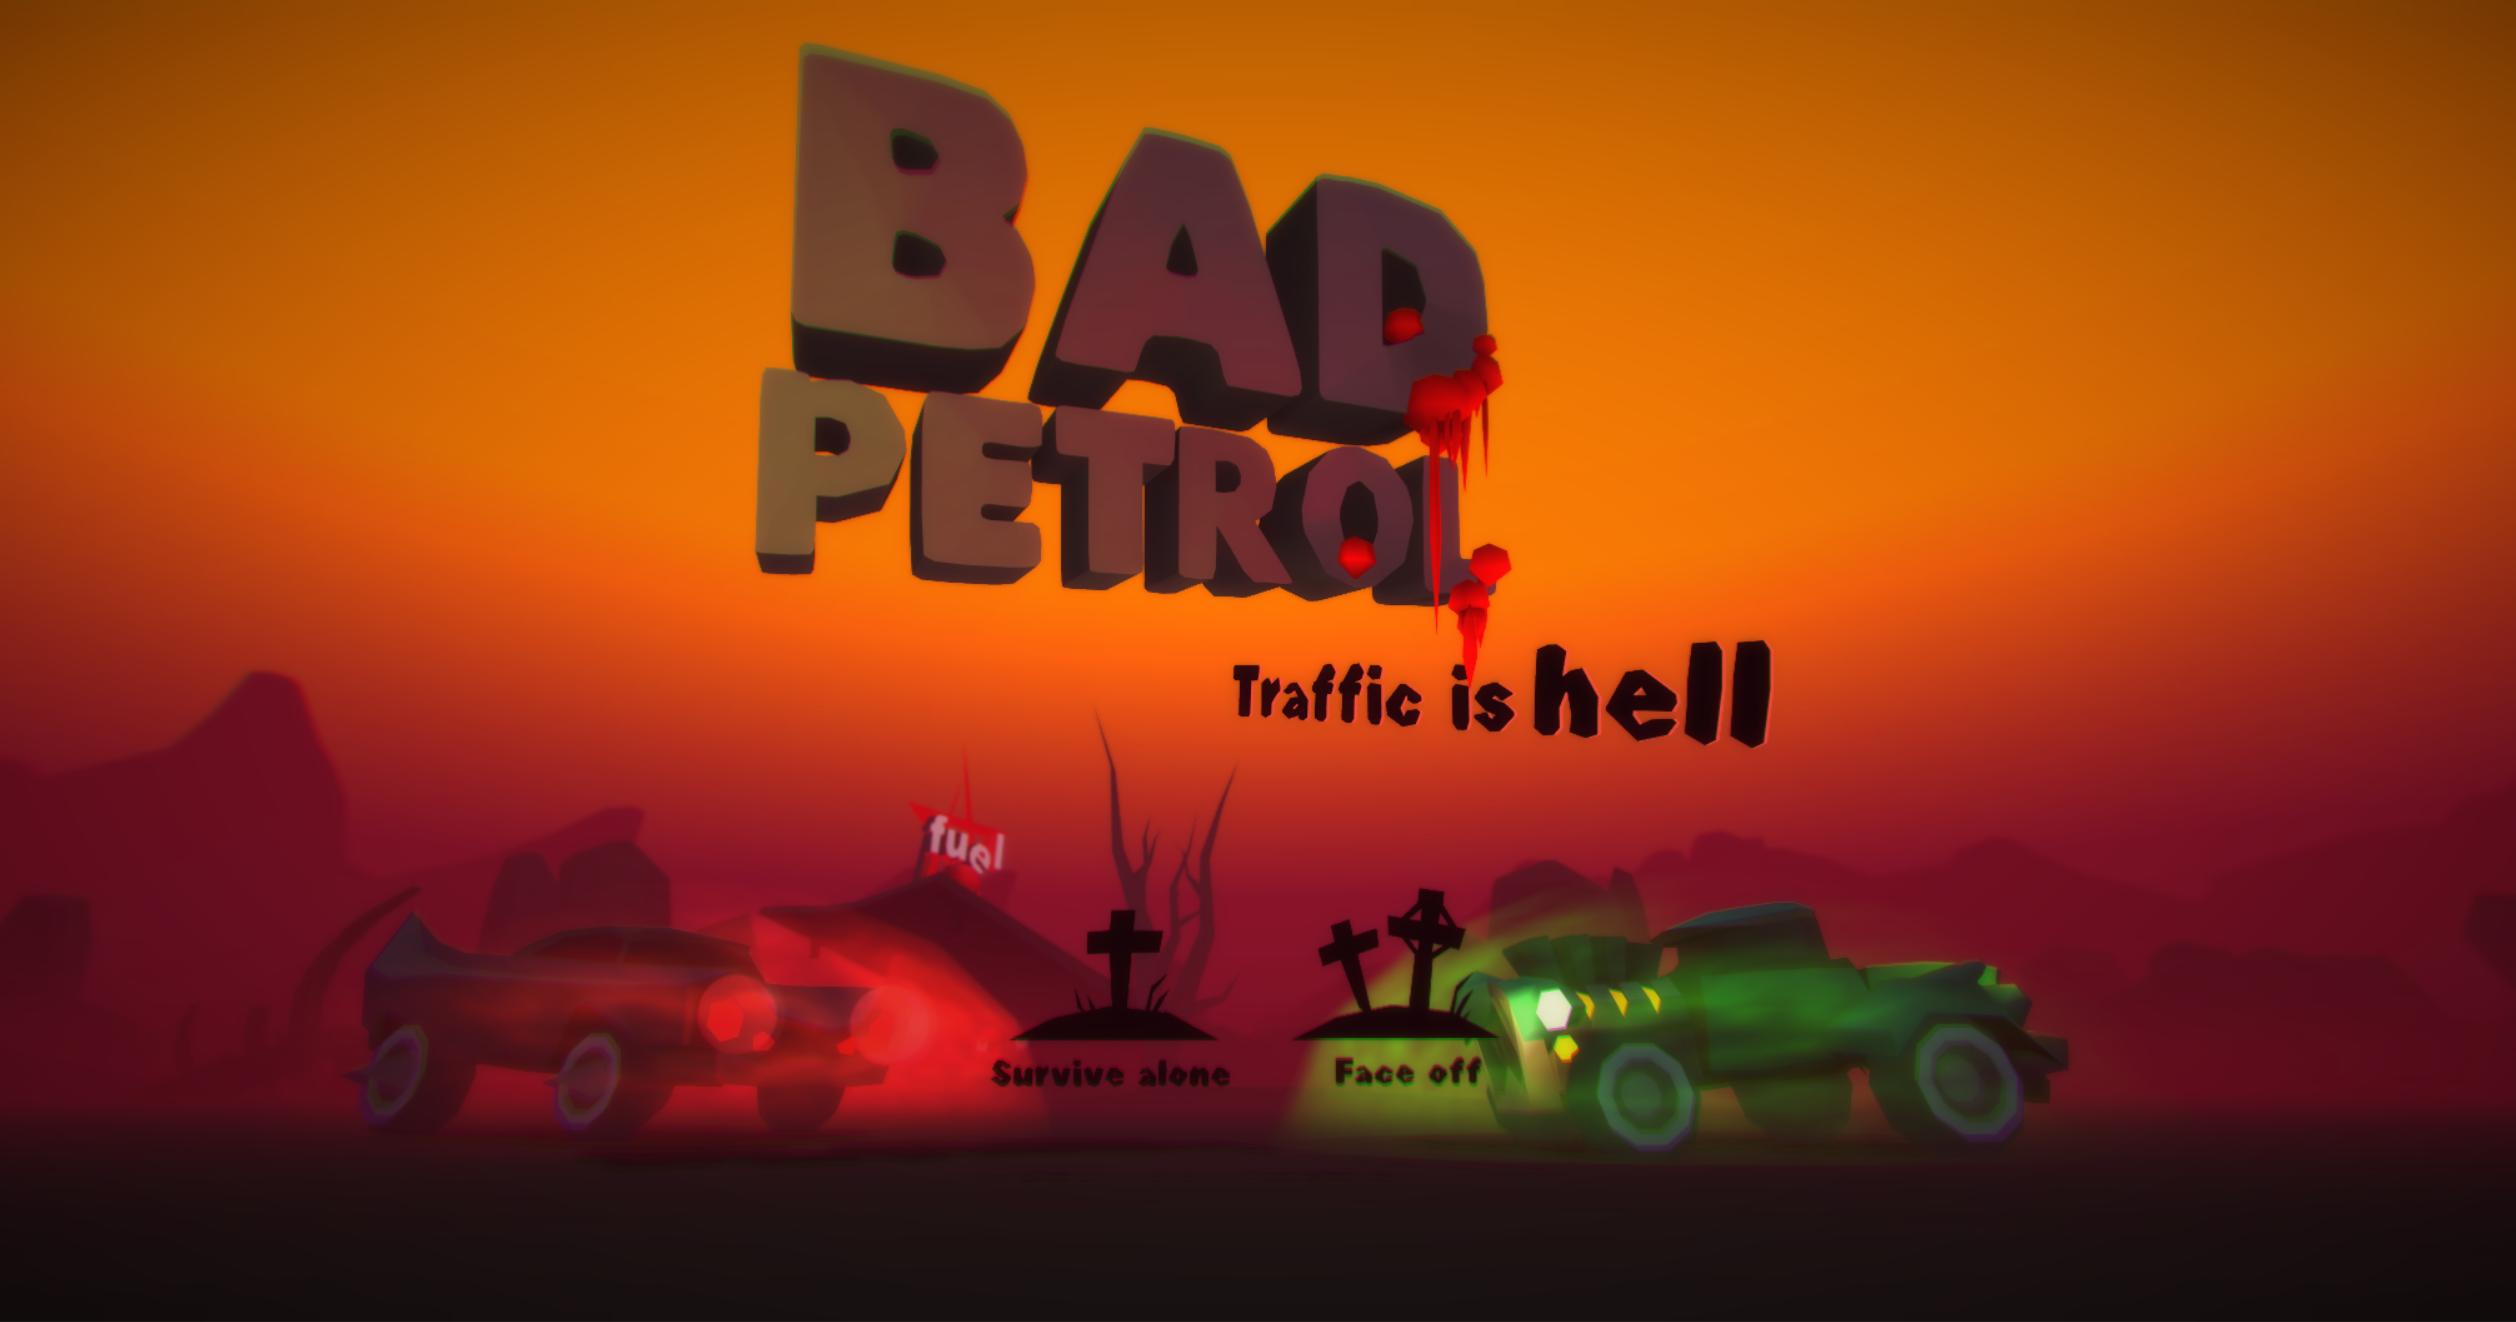 Bad Petrol